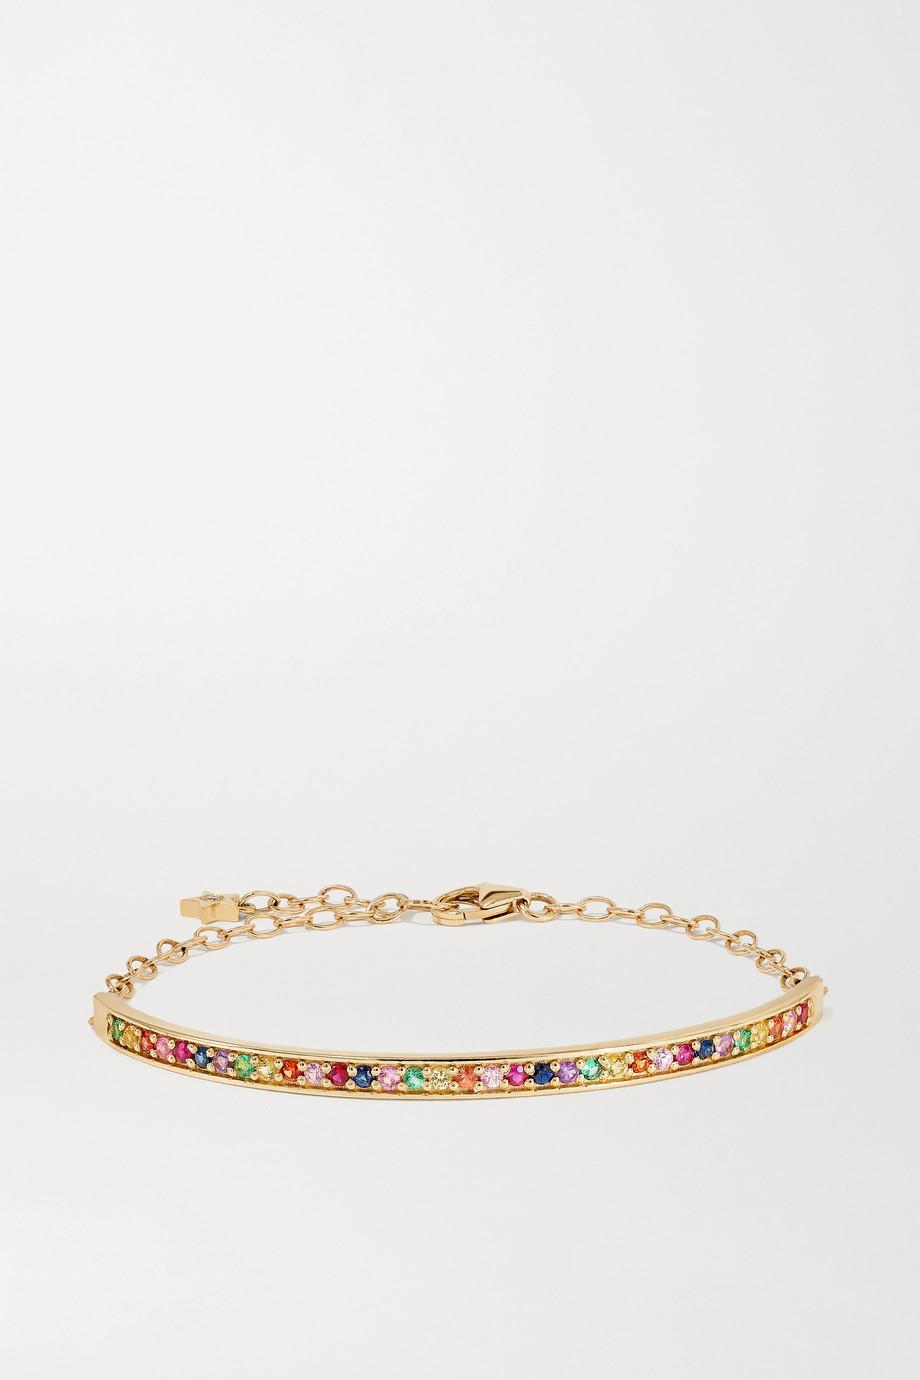 Andrea Fohrman Bracelet en or 14 carats et pierres multiples